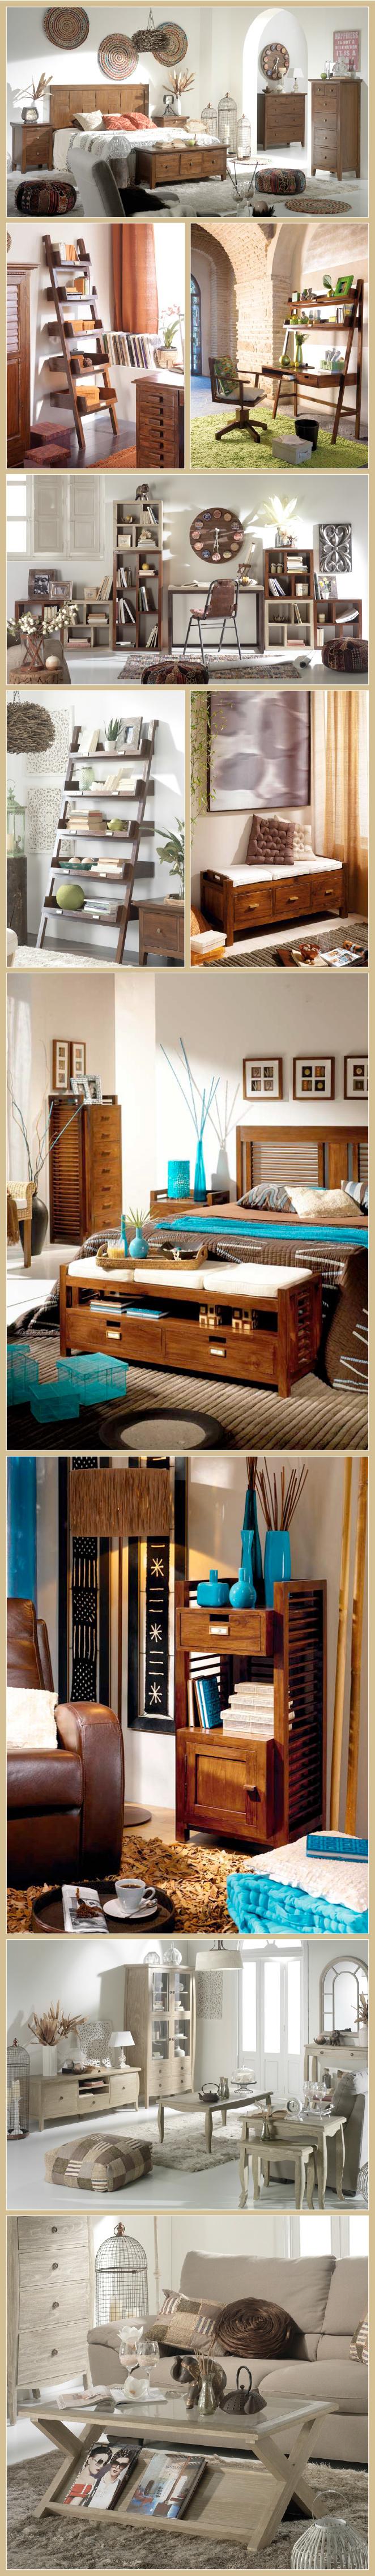 Muebles en acabado en color teca o avellana, tanto para el dormitorio como en piezas que os permiten crear divertidas combinaciones en vuestro estudio o salón.